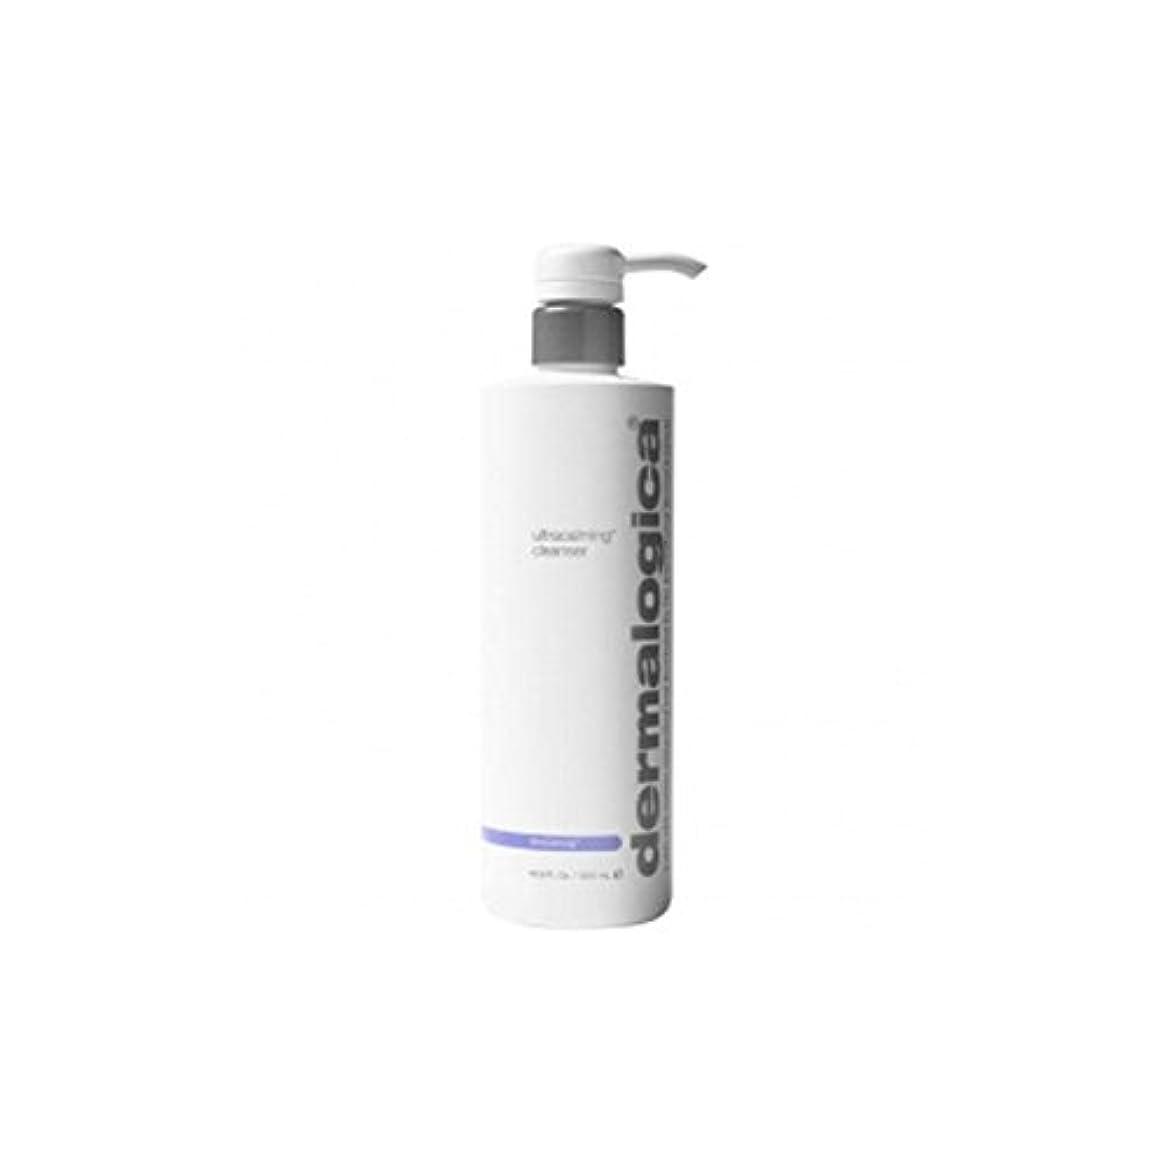 深い策定するアミューズメントダーマロジカクレンザー(500ミリリットル) x4 - Dermalogica Ultracalming Cleanser (500ml) (Pack of 4) [並行輸入品]